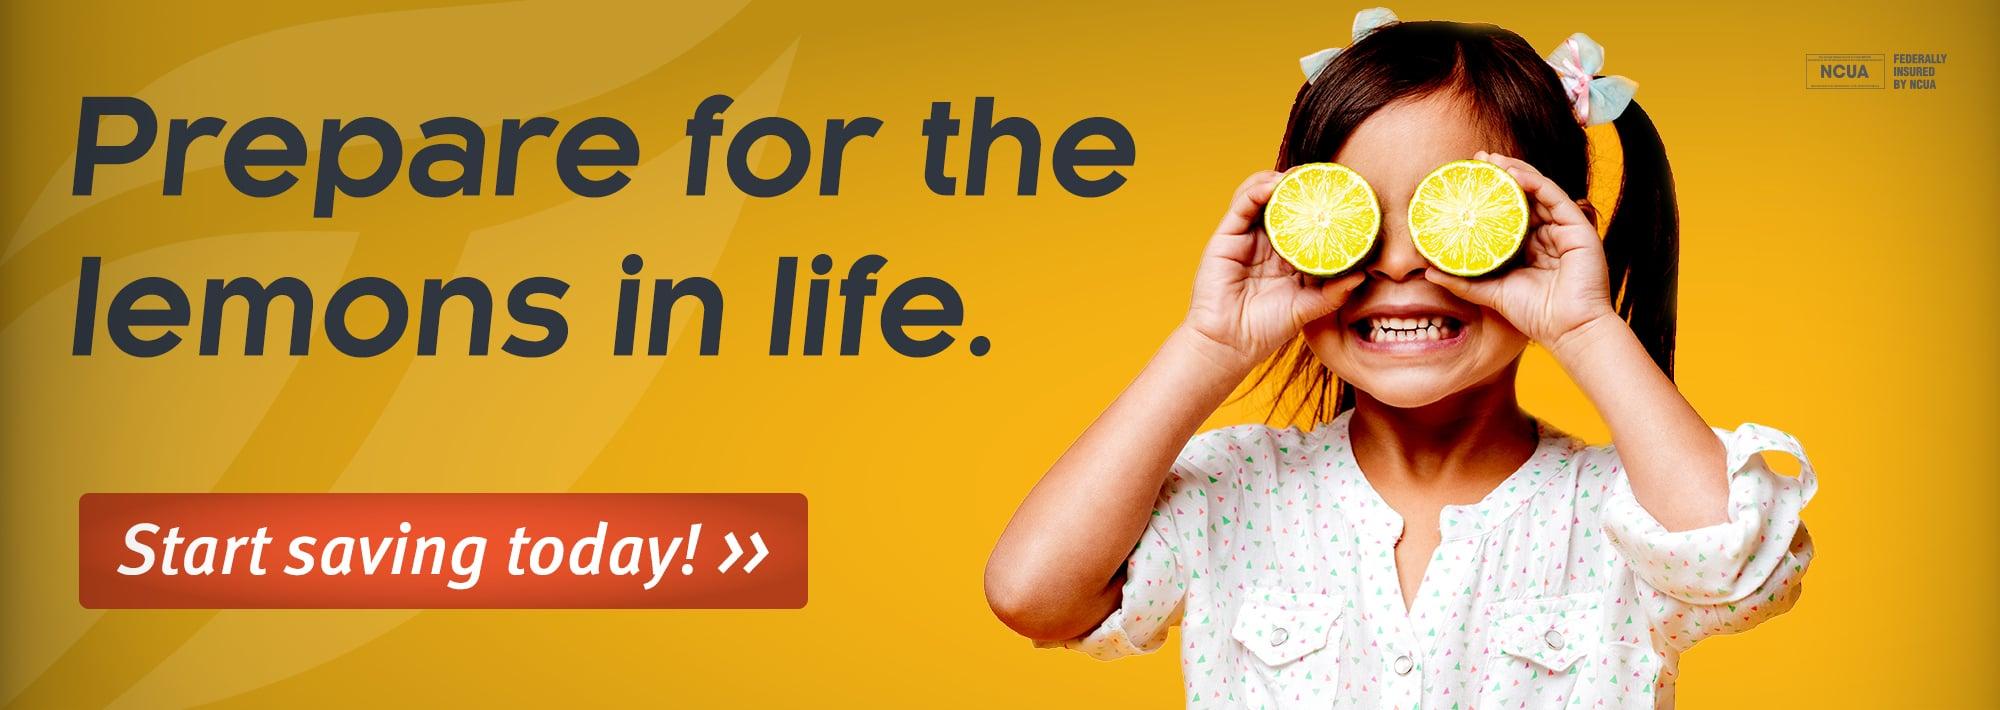 Prepare for the lemons in life. Start saving today!